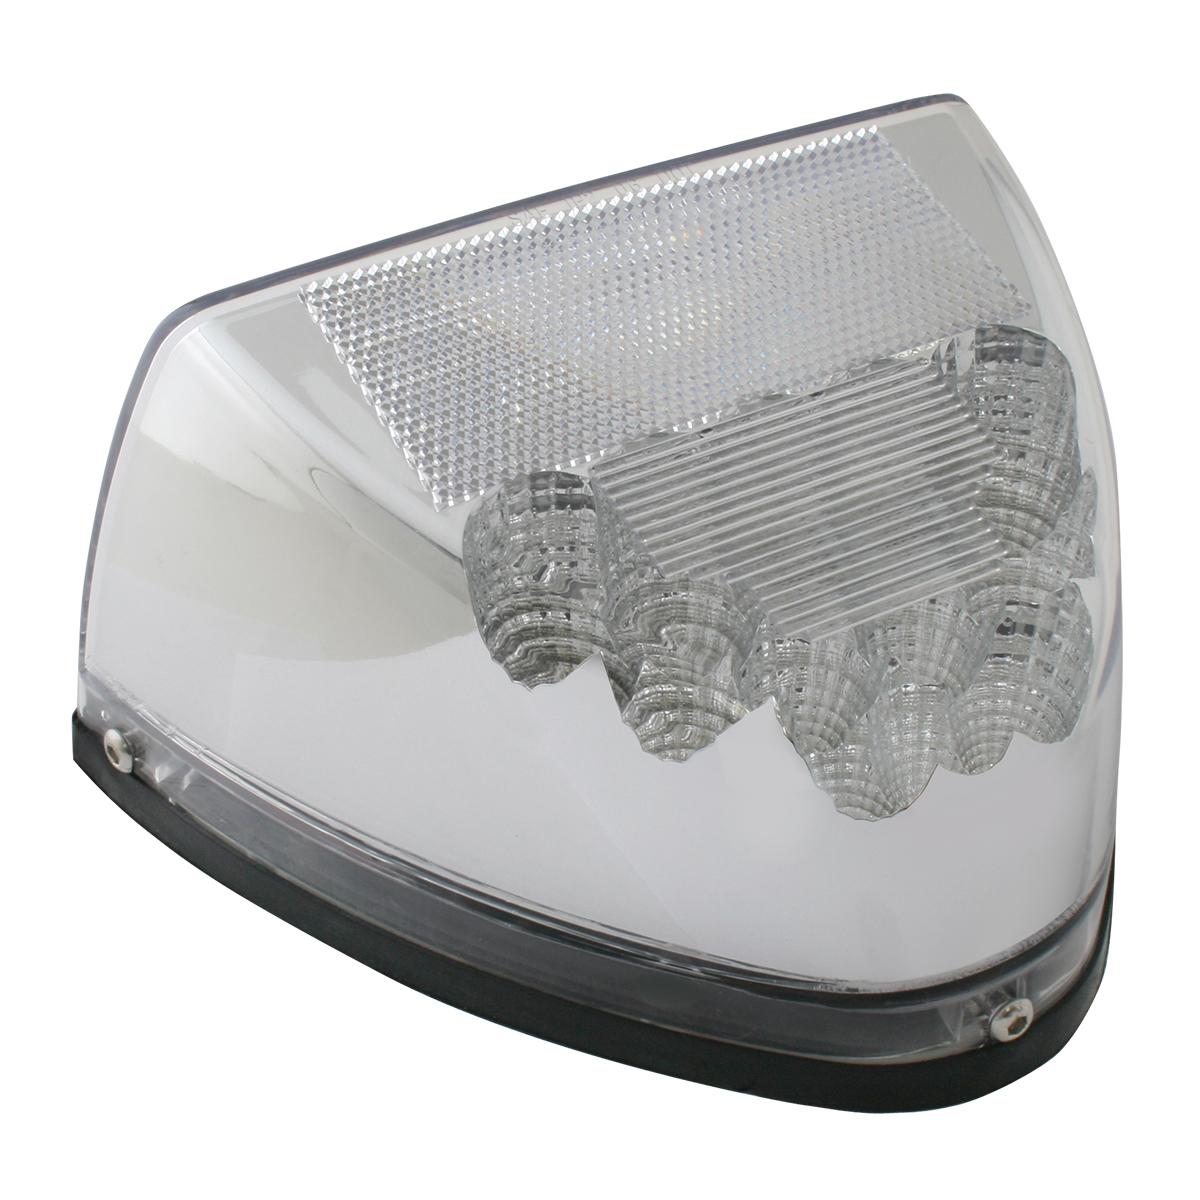 77233 Spyder LED Turn Signal Light for Peterbilt